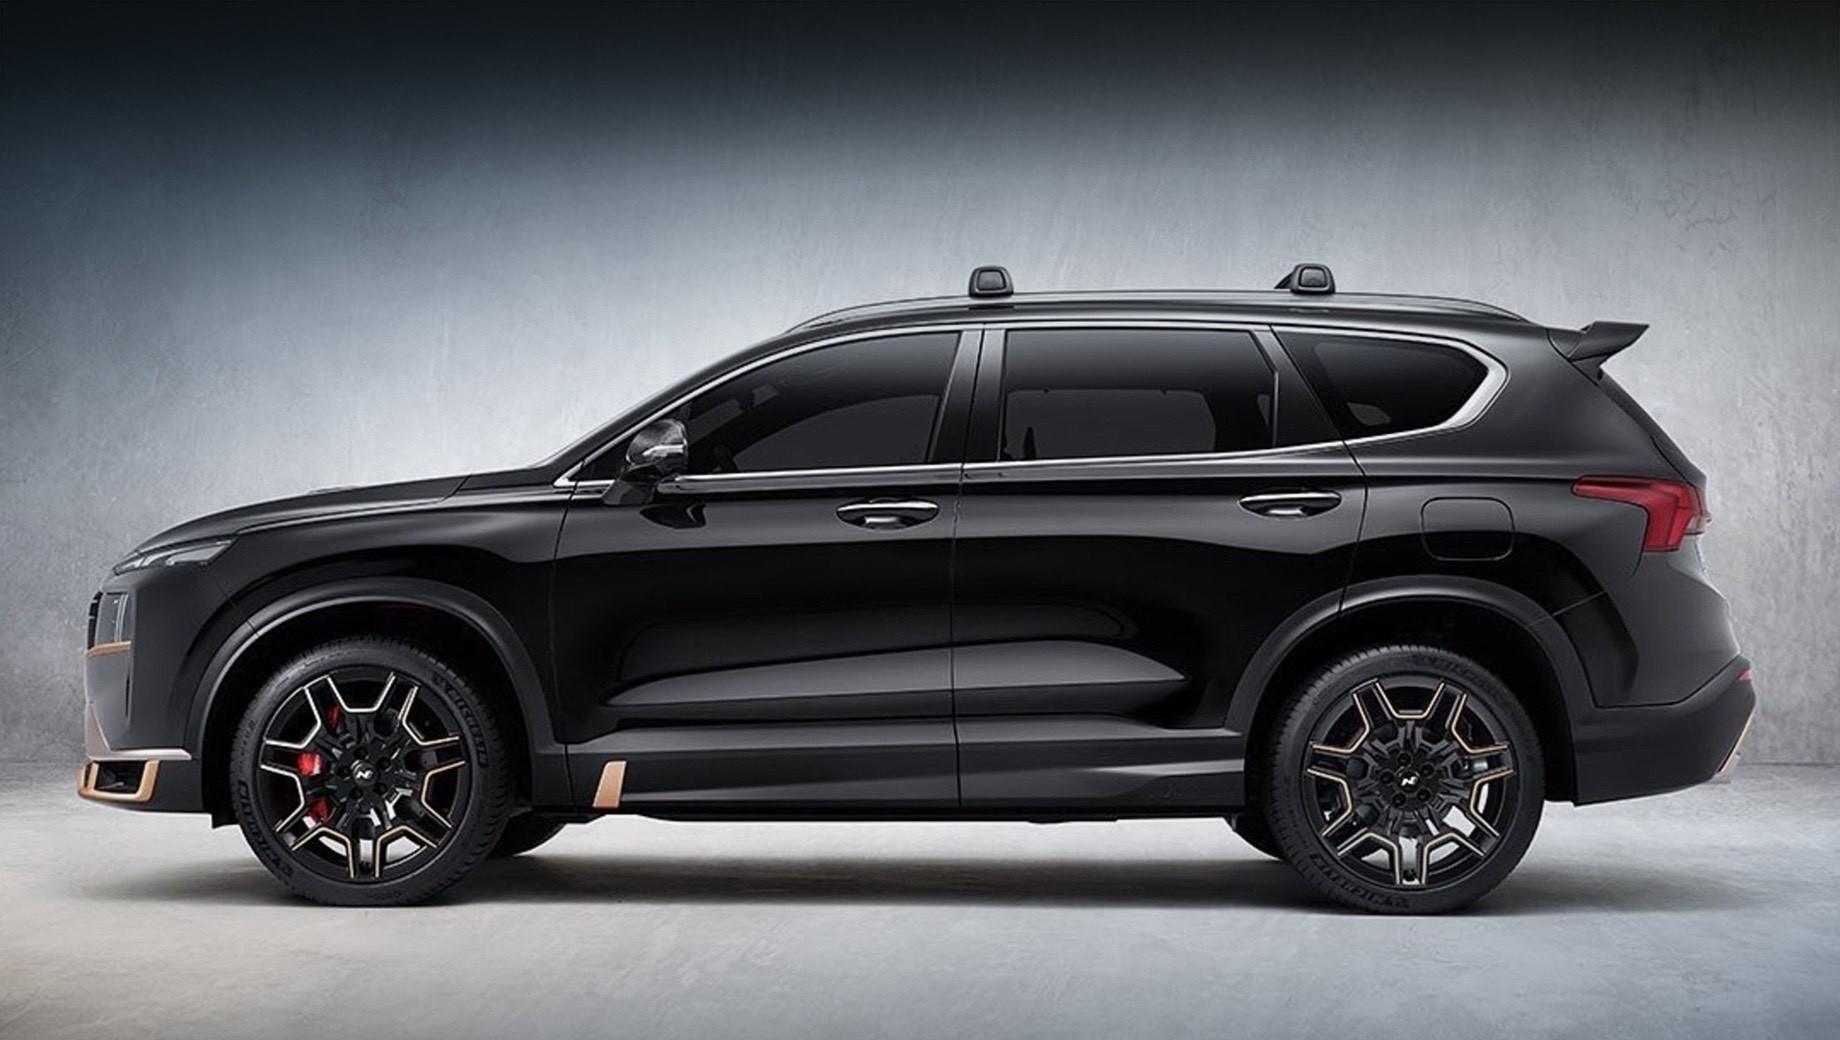 Обновлённый Hyundai Santa Fe породнится с N-серией